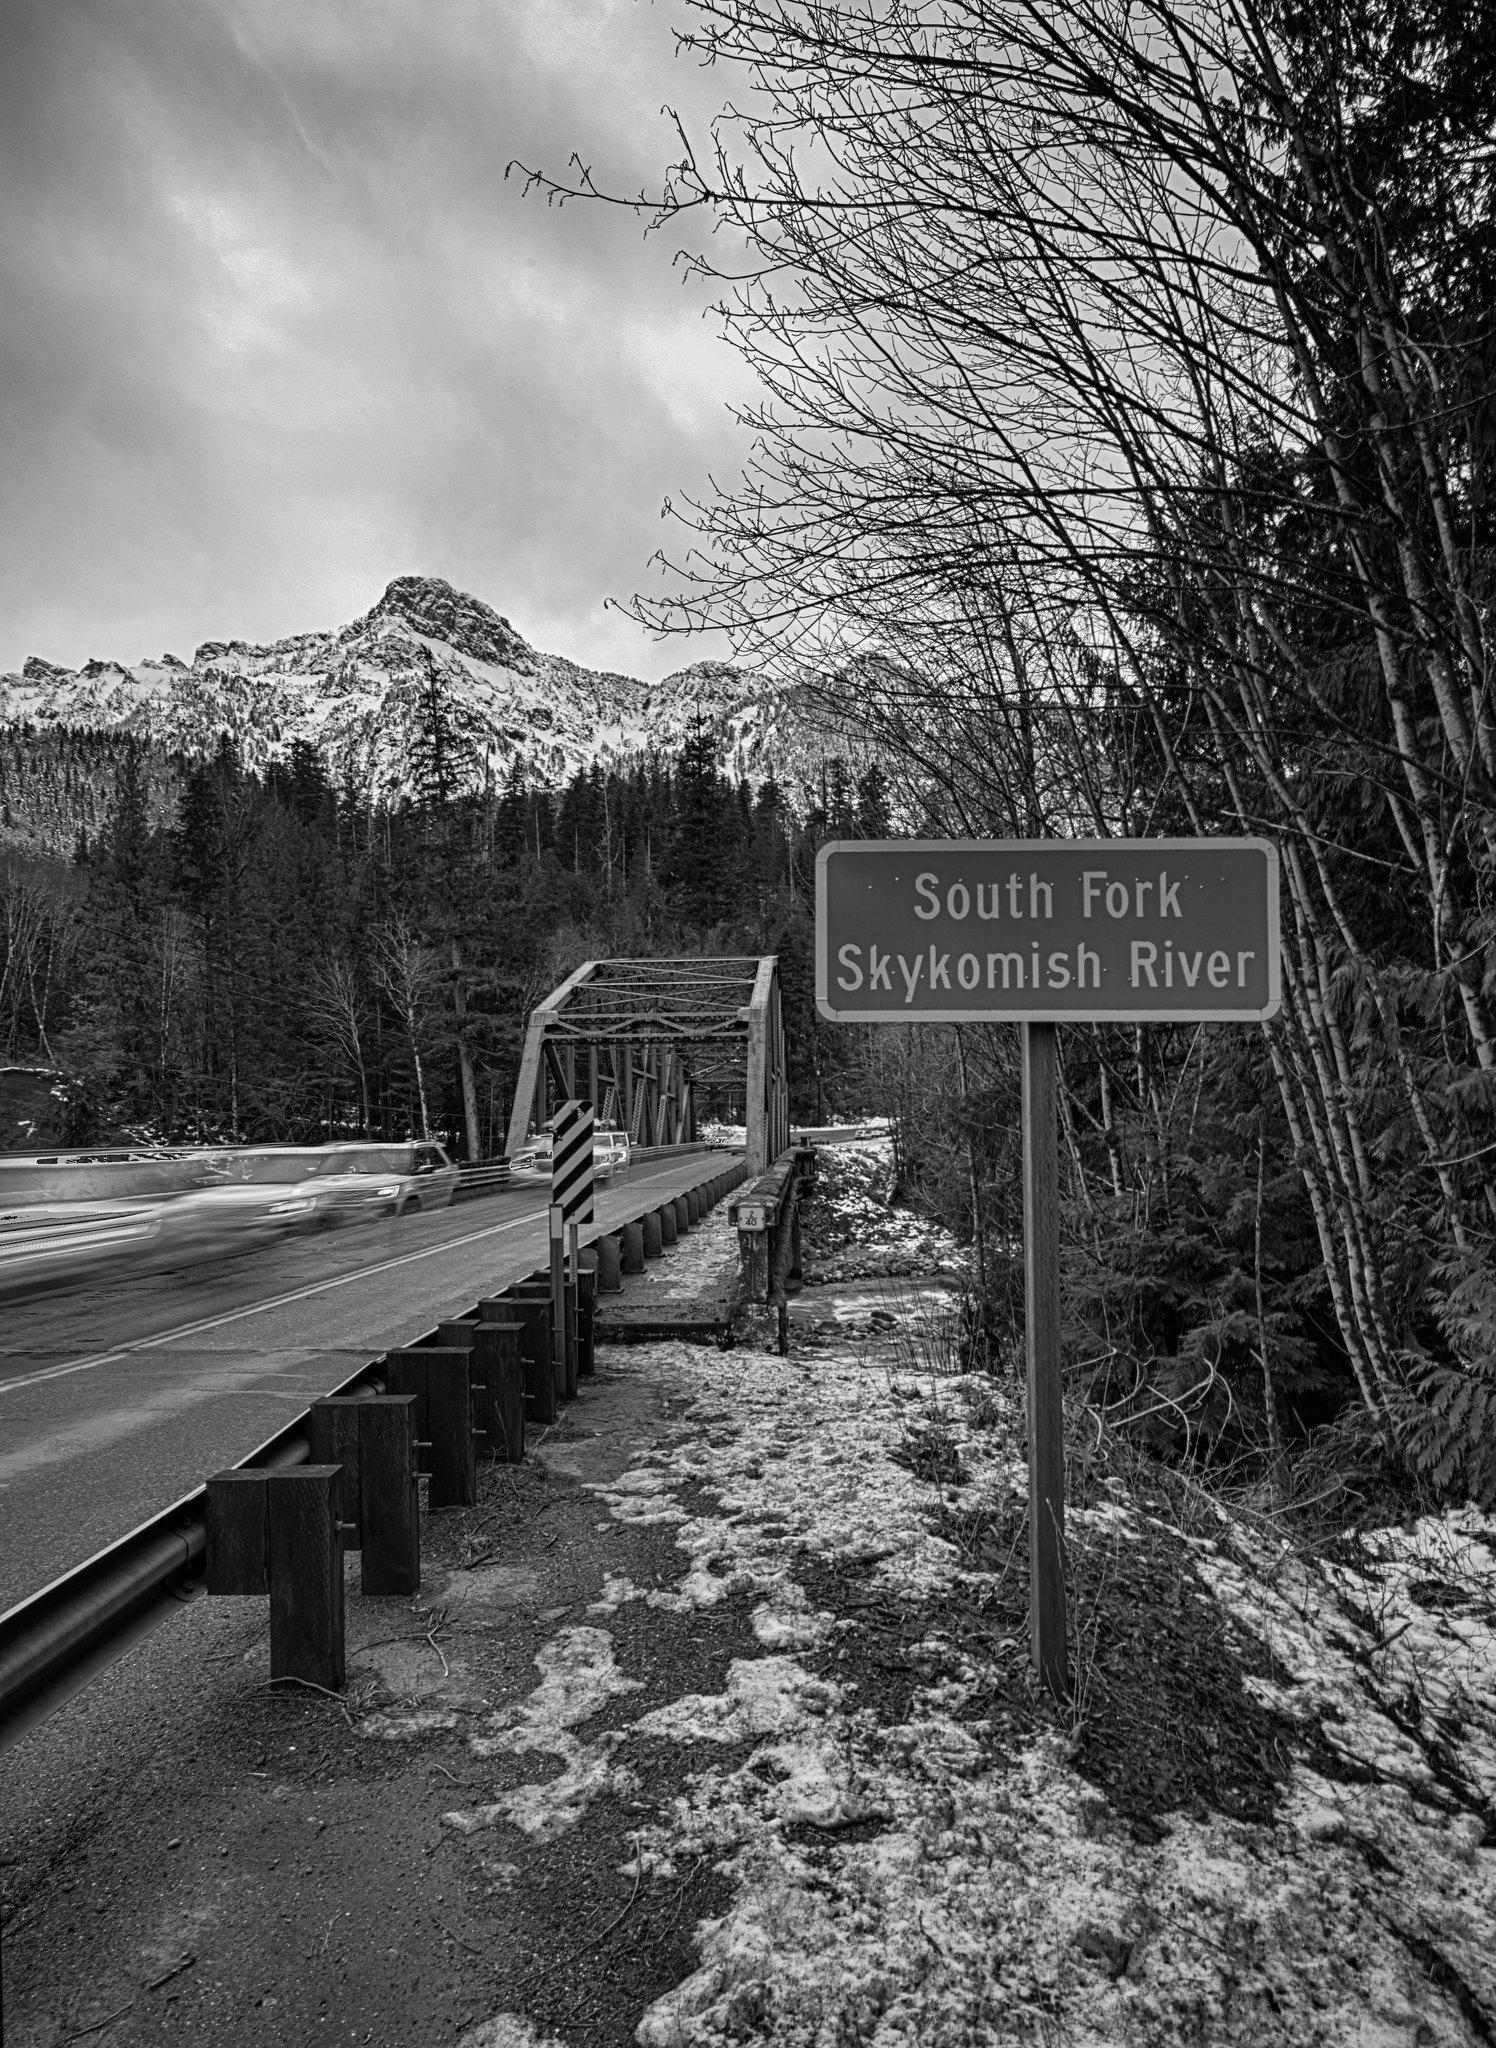 Skykomish River (B/W)